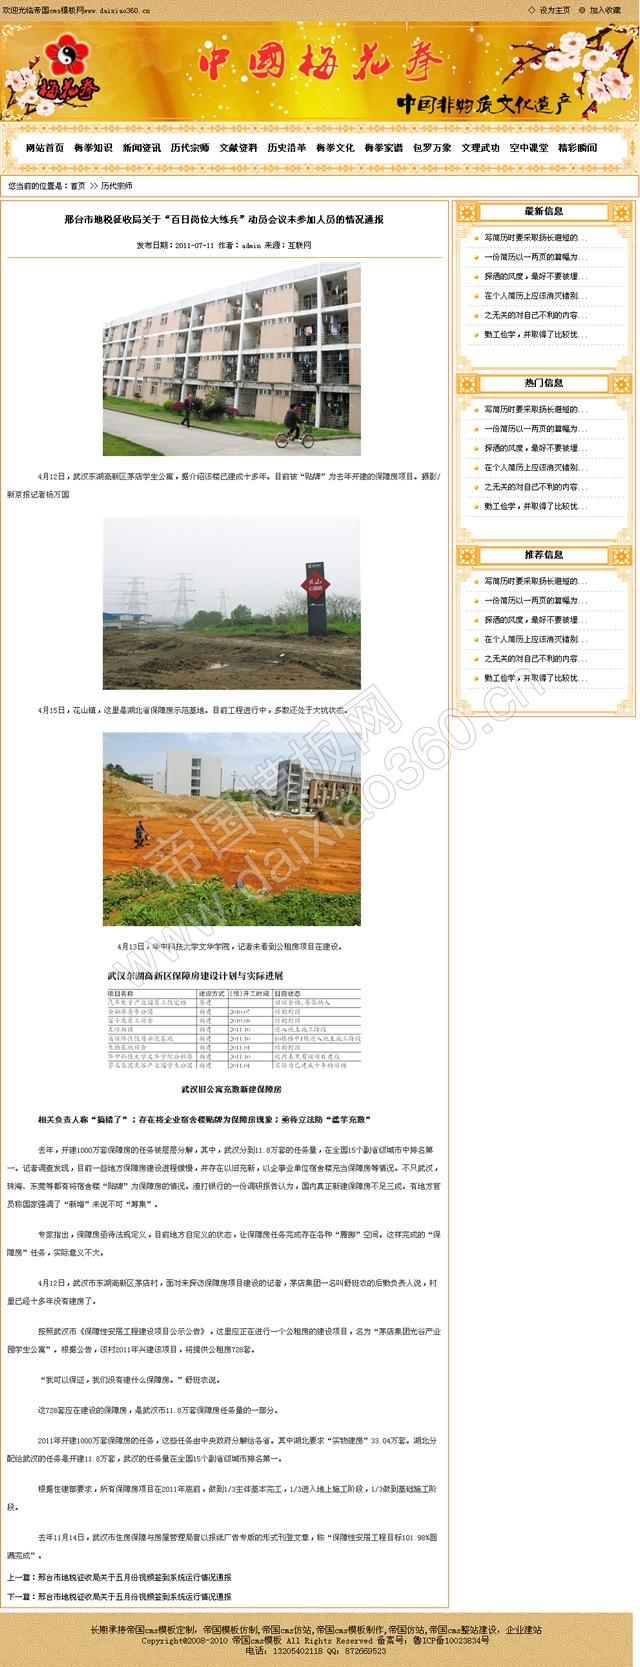 帝国cms中国风古典新闻文章资讯网站模板_内容页